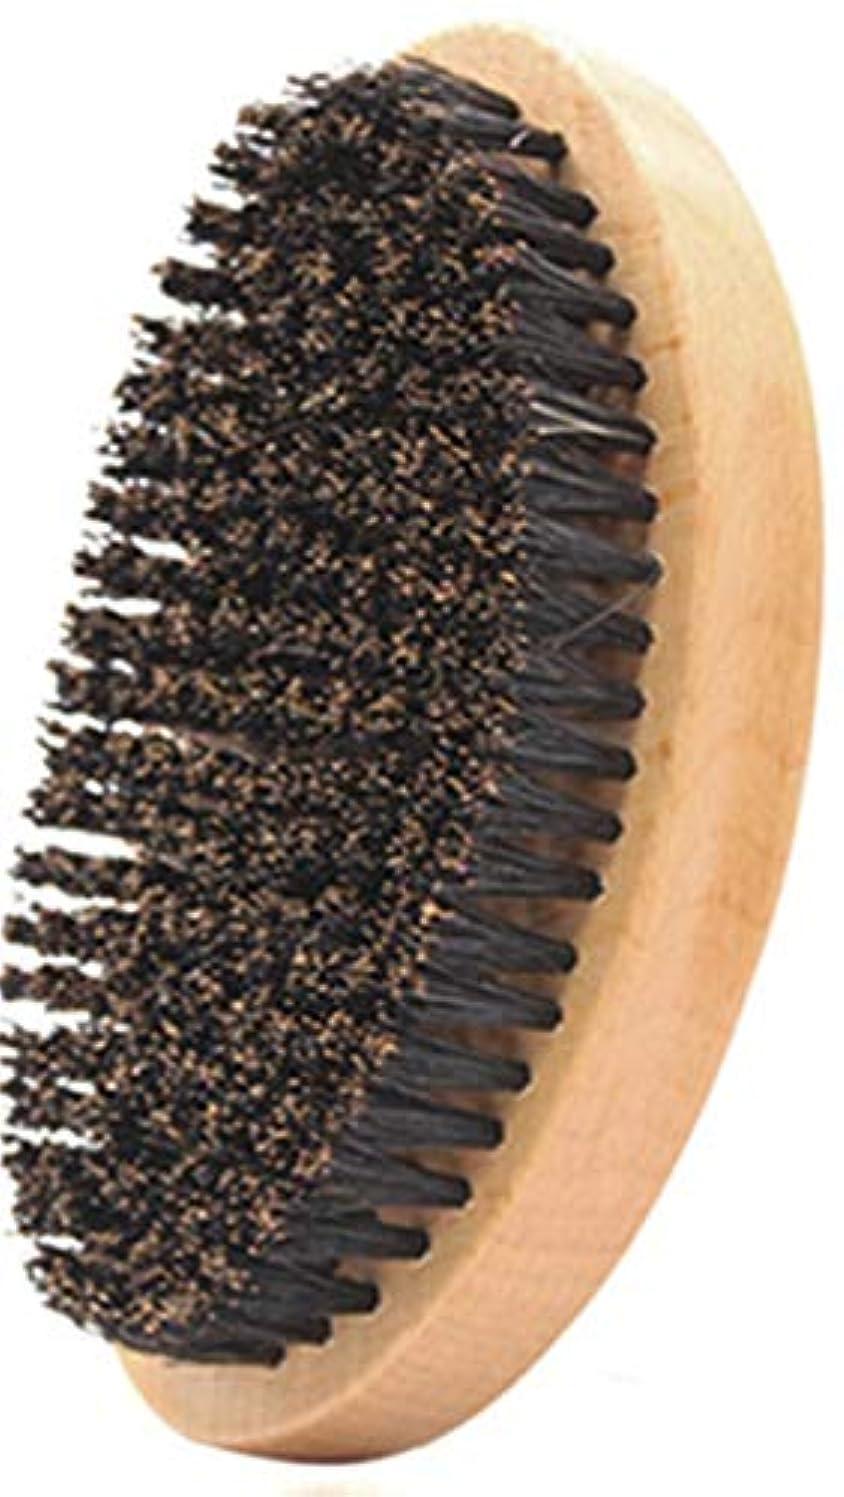 うがい二年生練習ZHER-LU 実用オーバル形状男性イノシシ毛剛毛顔のひげ口ひげブラシ (ブラウン)